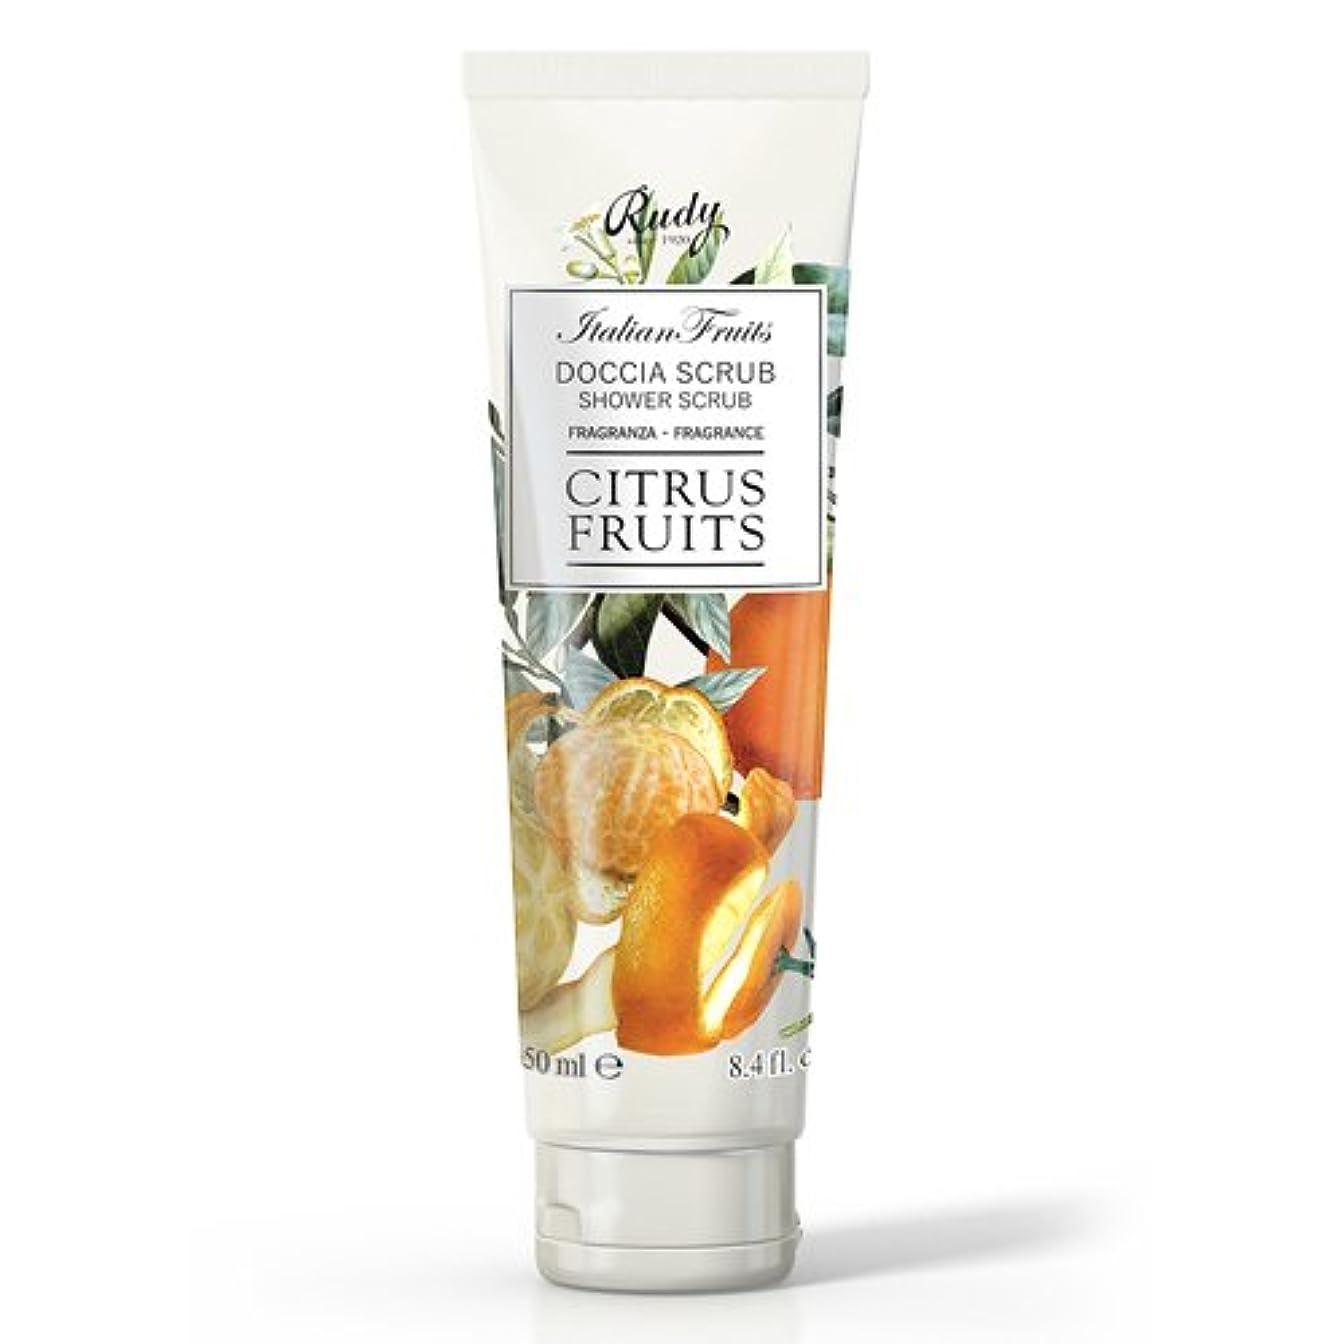 シェード助手比べるRUDY Italian Fruits Series ルディ イタリアンフルーツ Shower Scrub シャワースクラブ Citrus Fruits